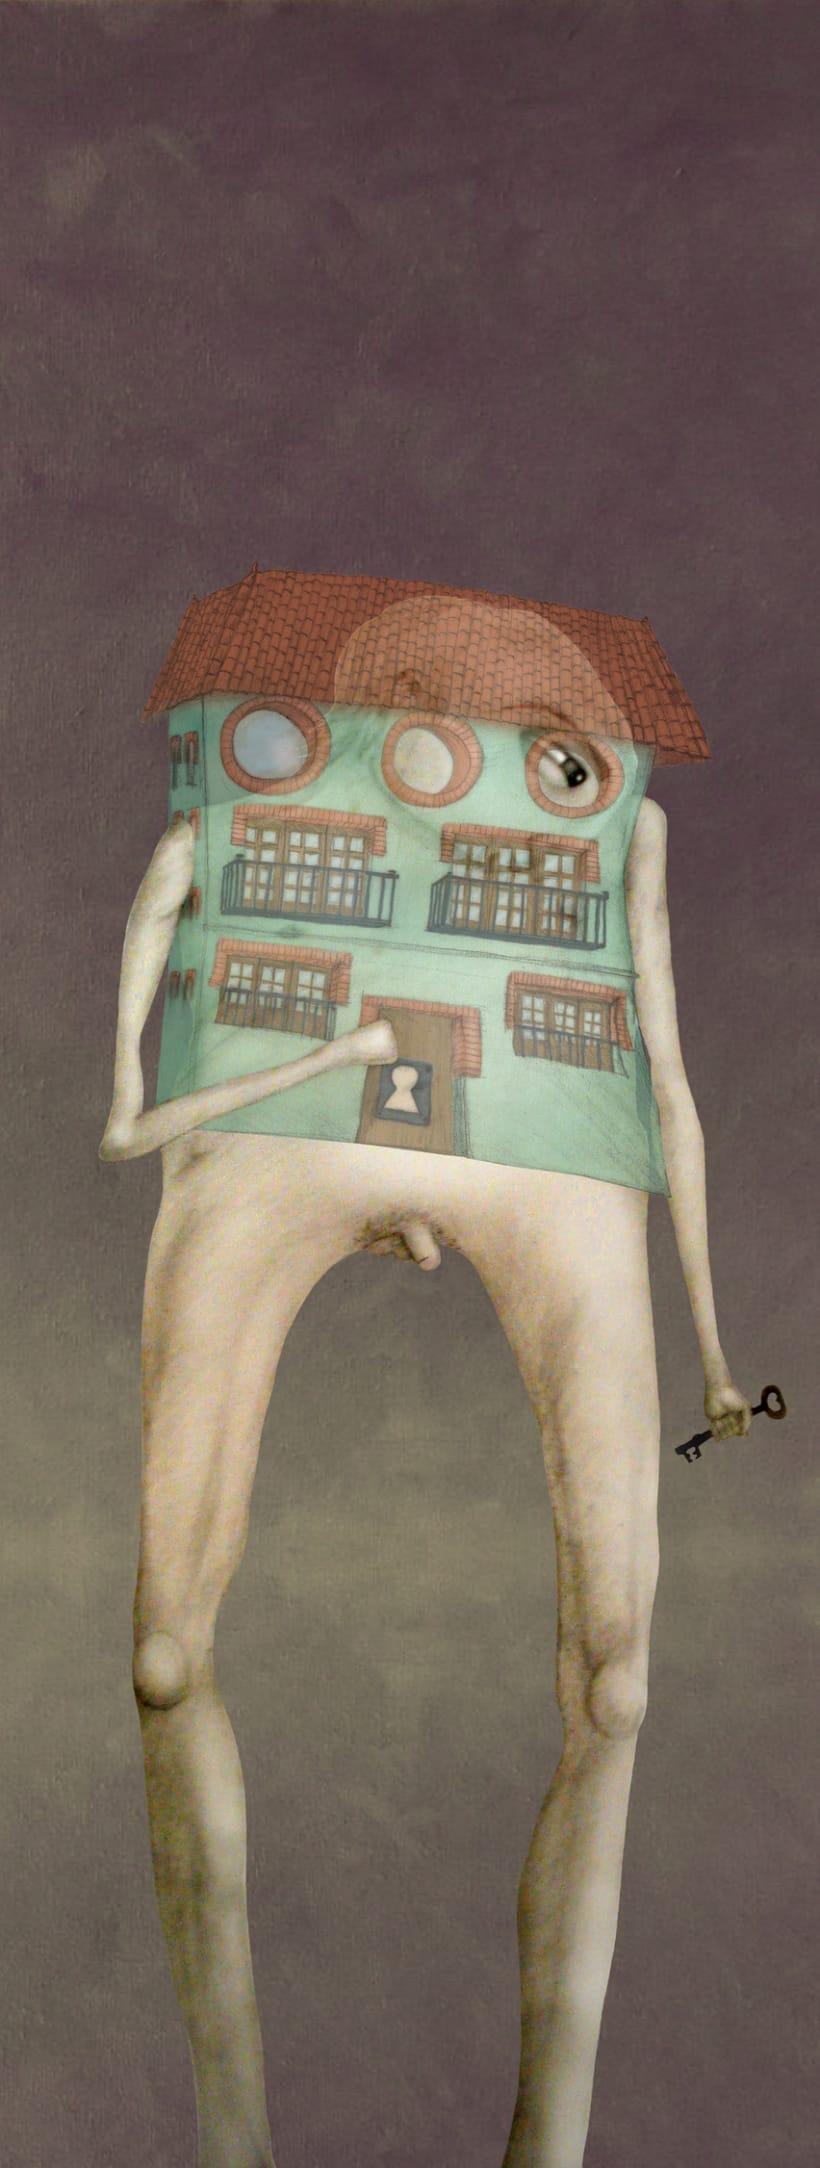 Hombre-casa 4